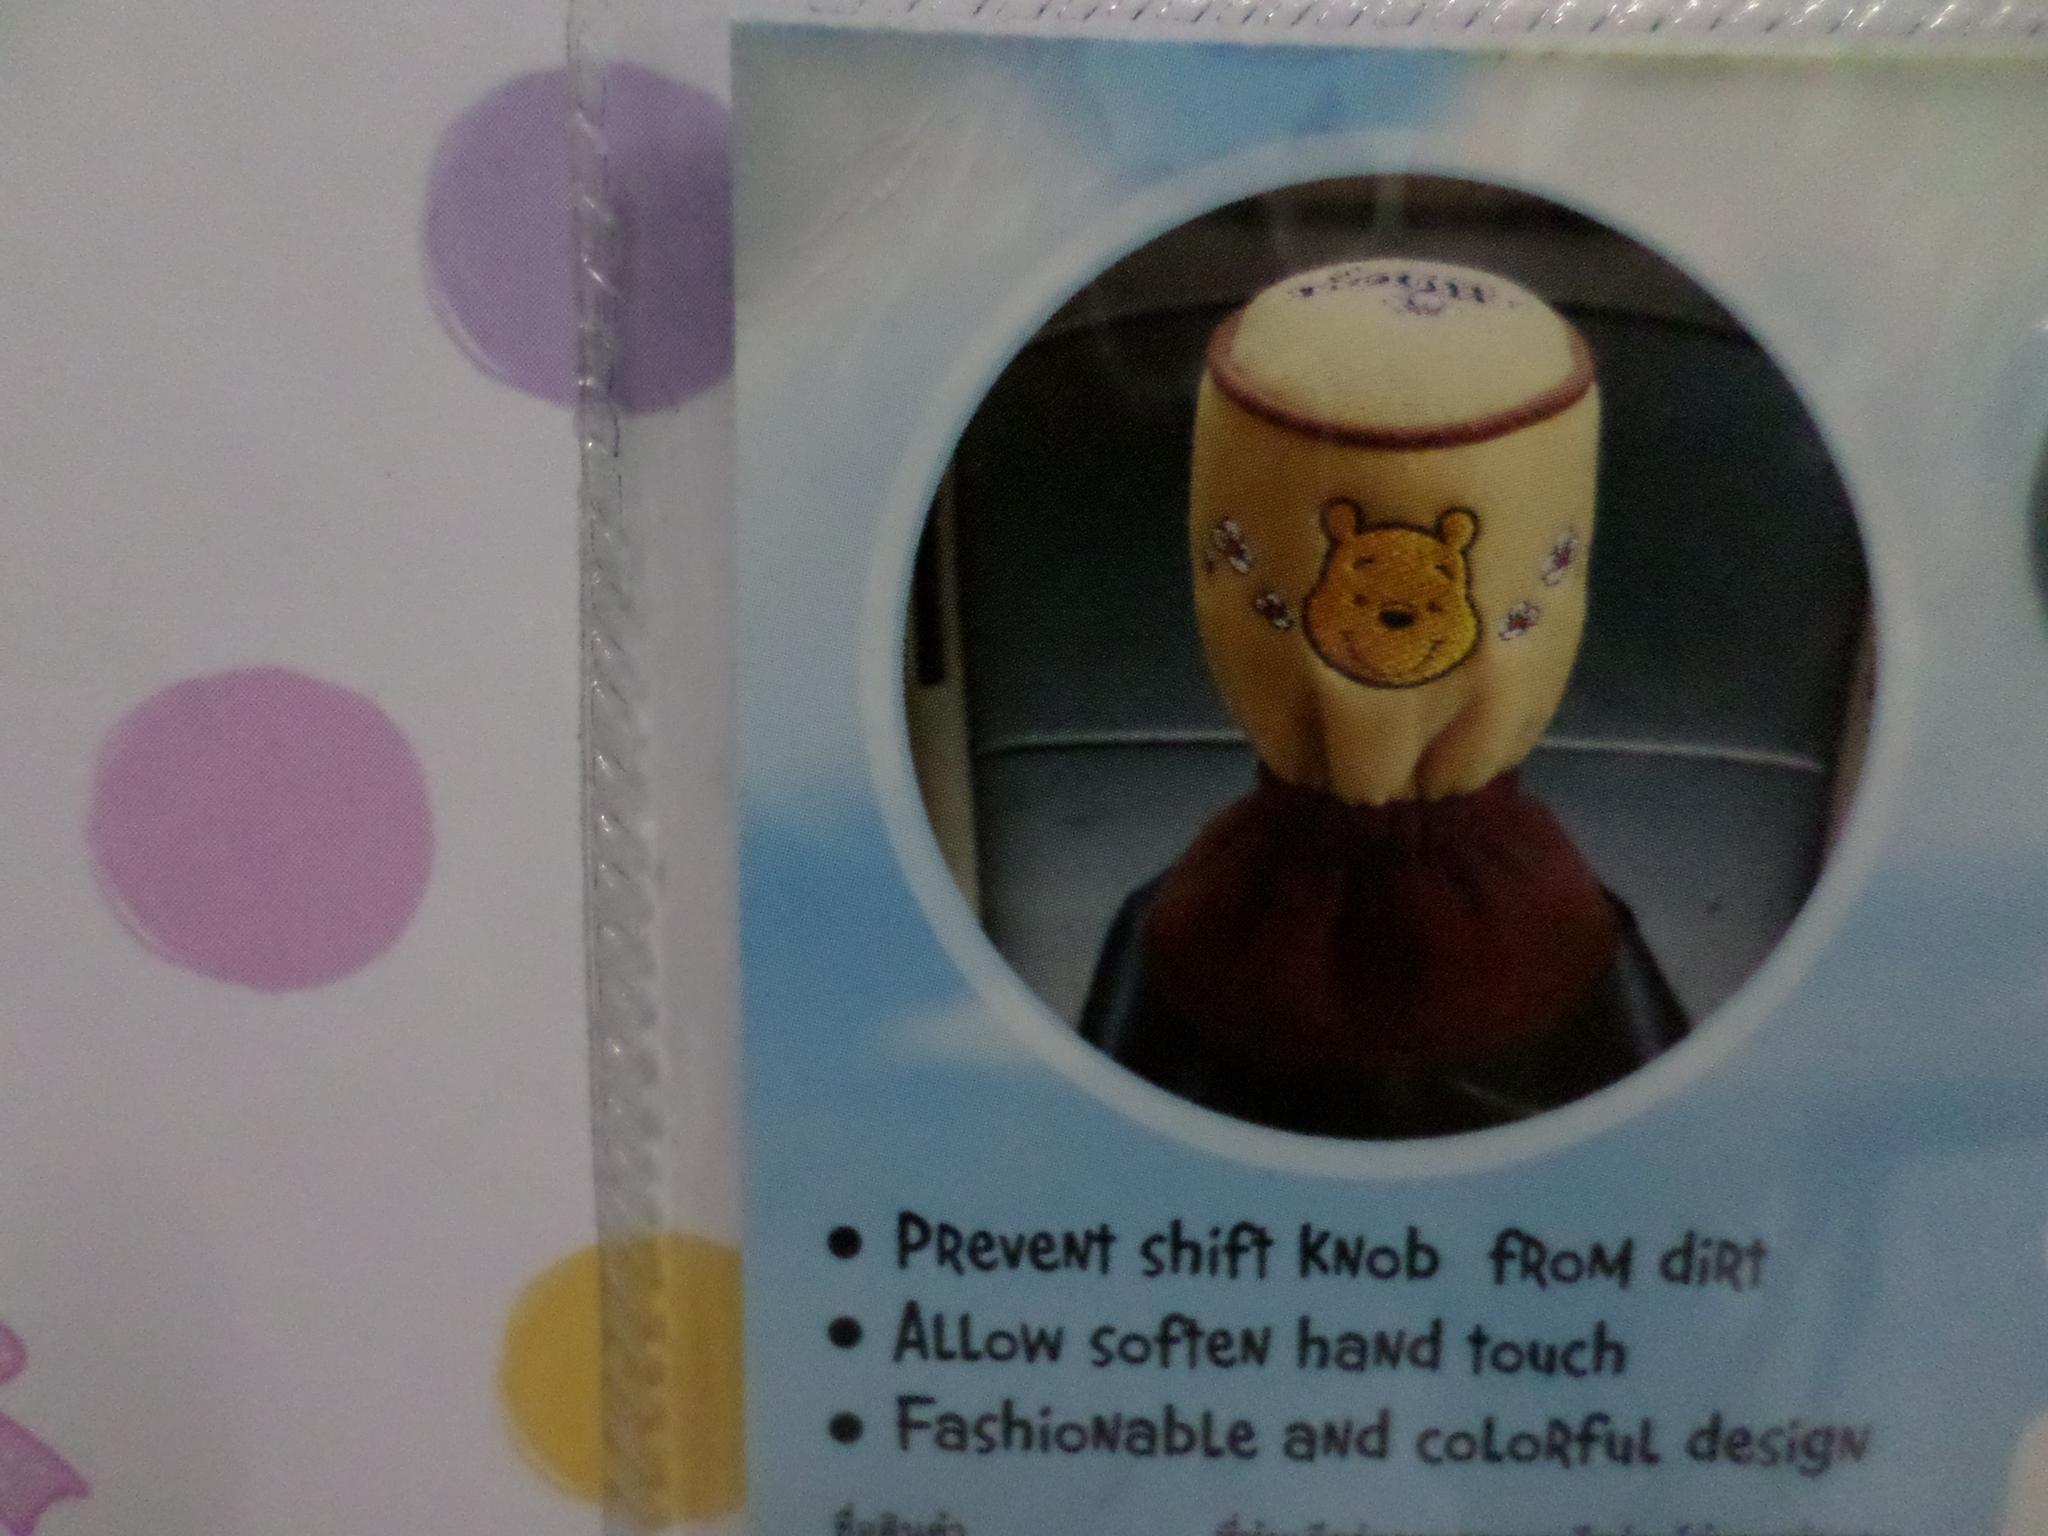 ที่หุ้มเกียร์ธรรมดา หมีพูห์ pooh ขนาด 9 * 11 ซม สีน้ำตาลครีม